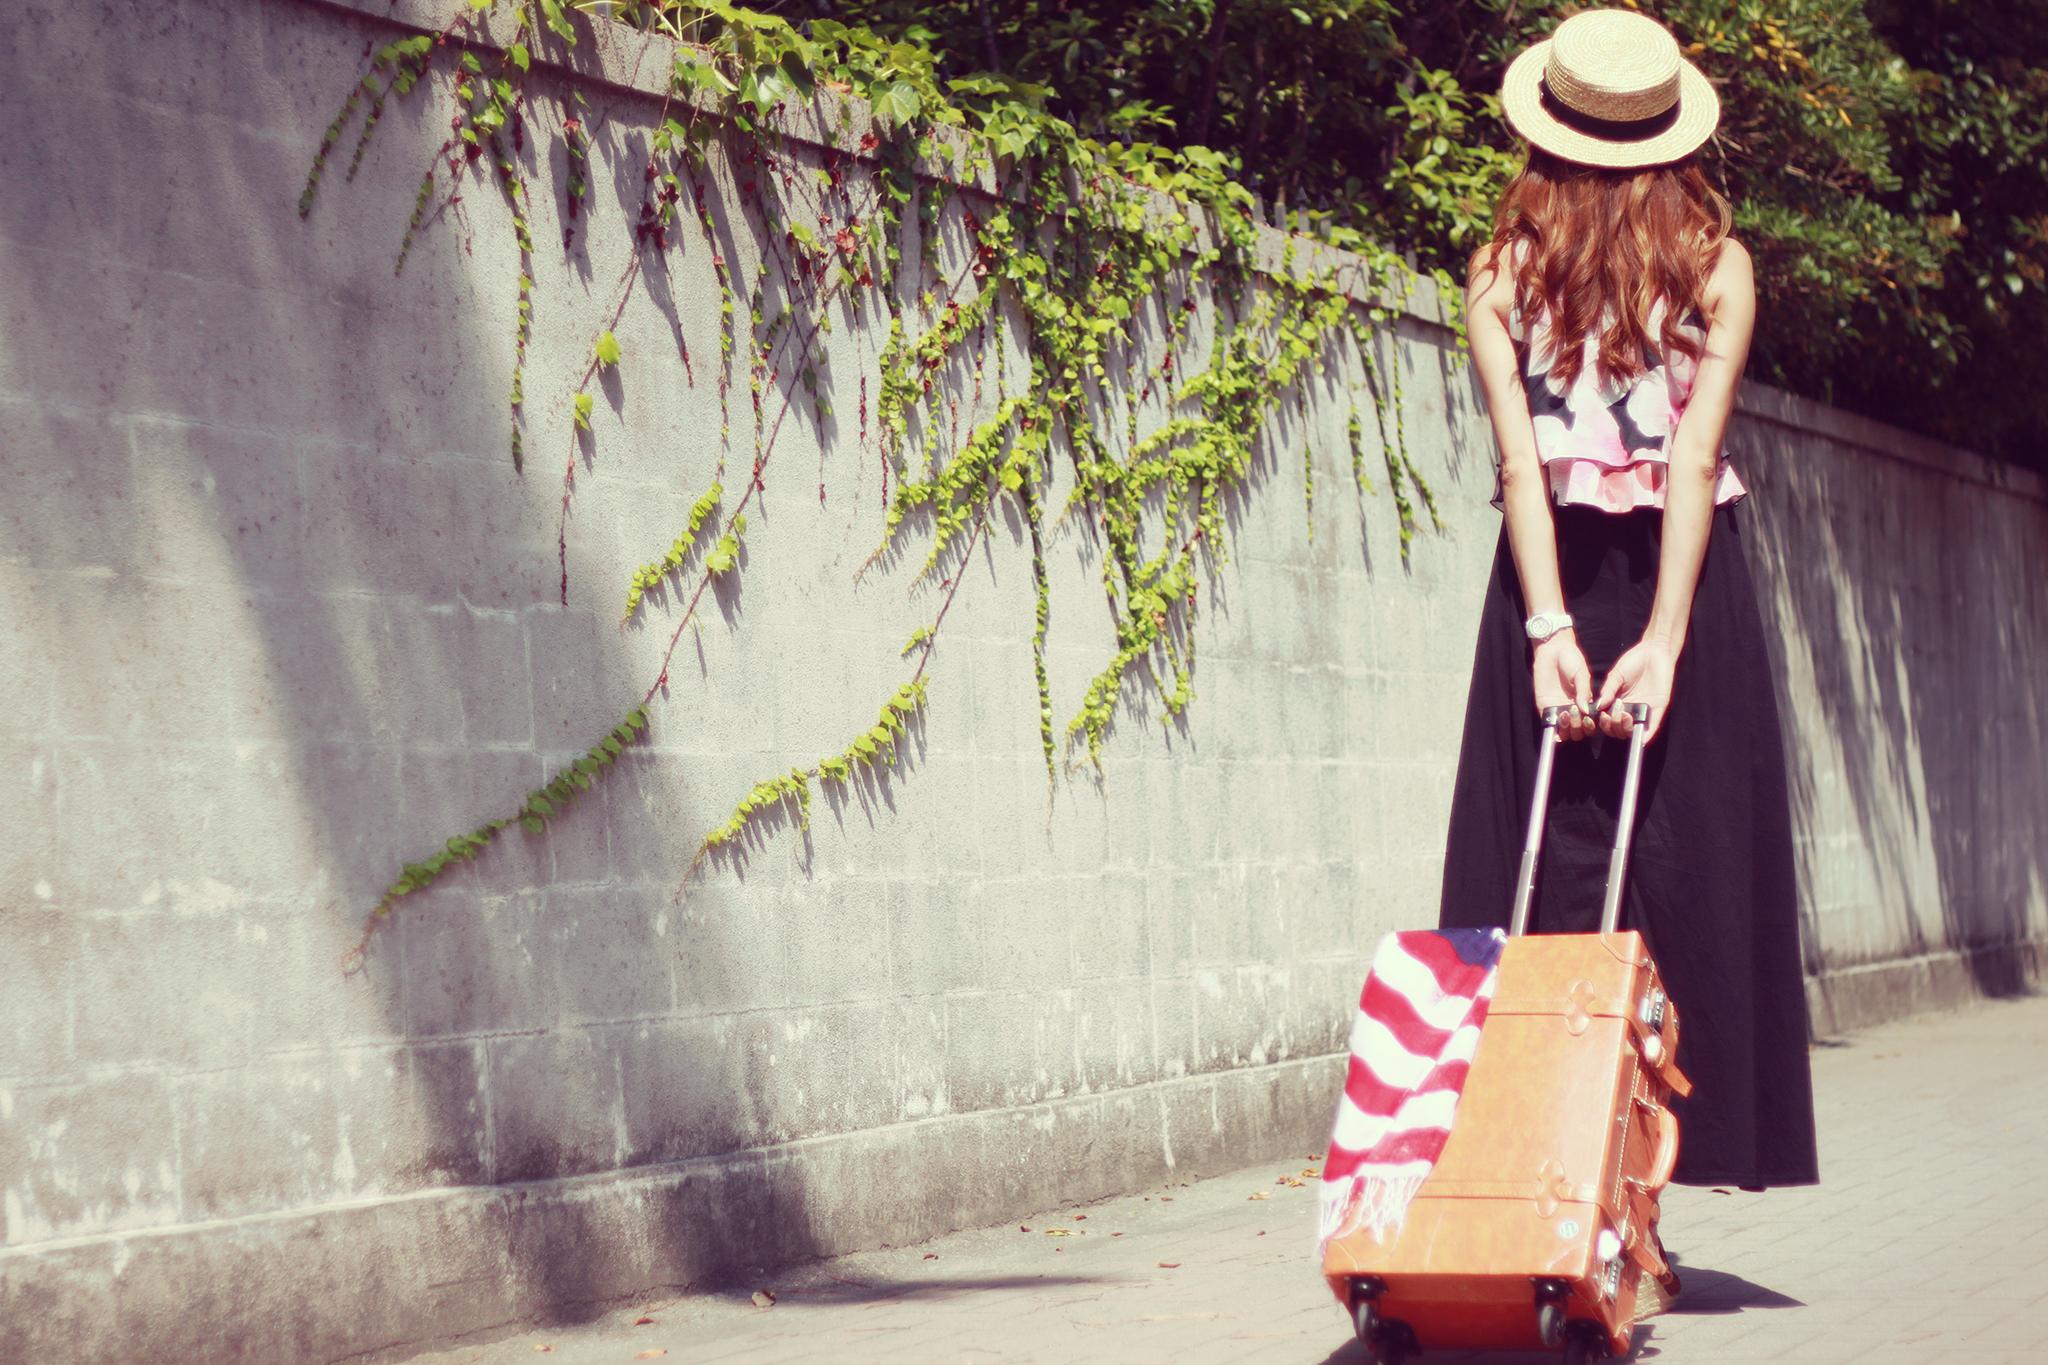 そろそろ準備もいいかも、今年の夏はどこに行く!?